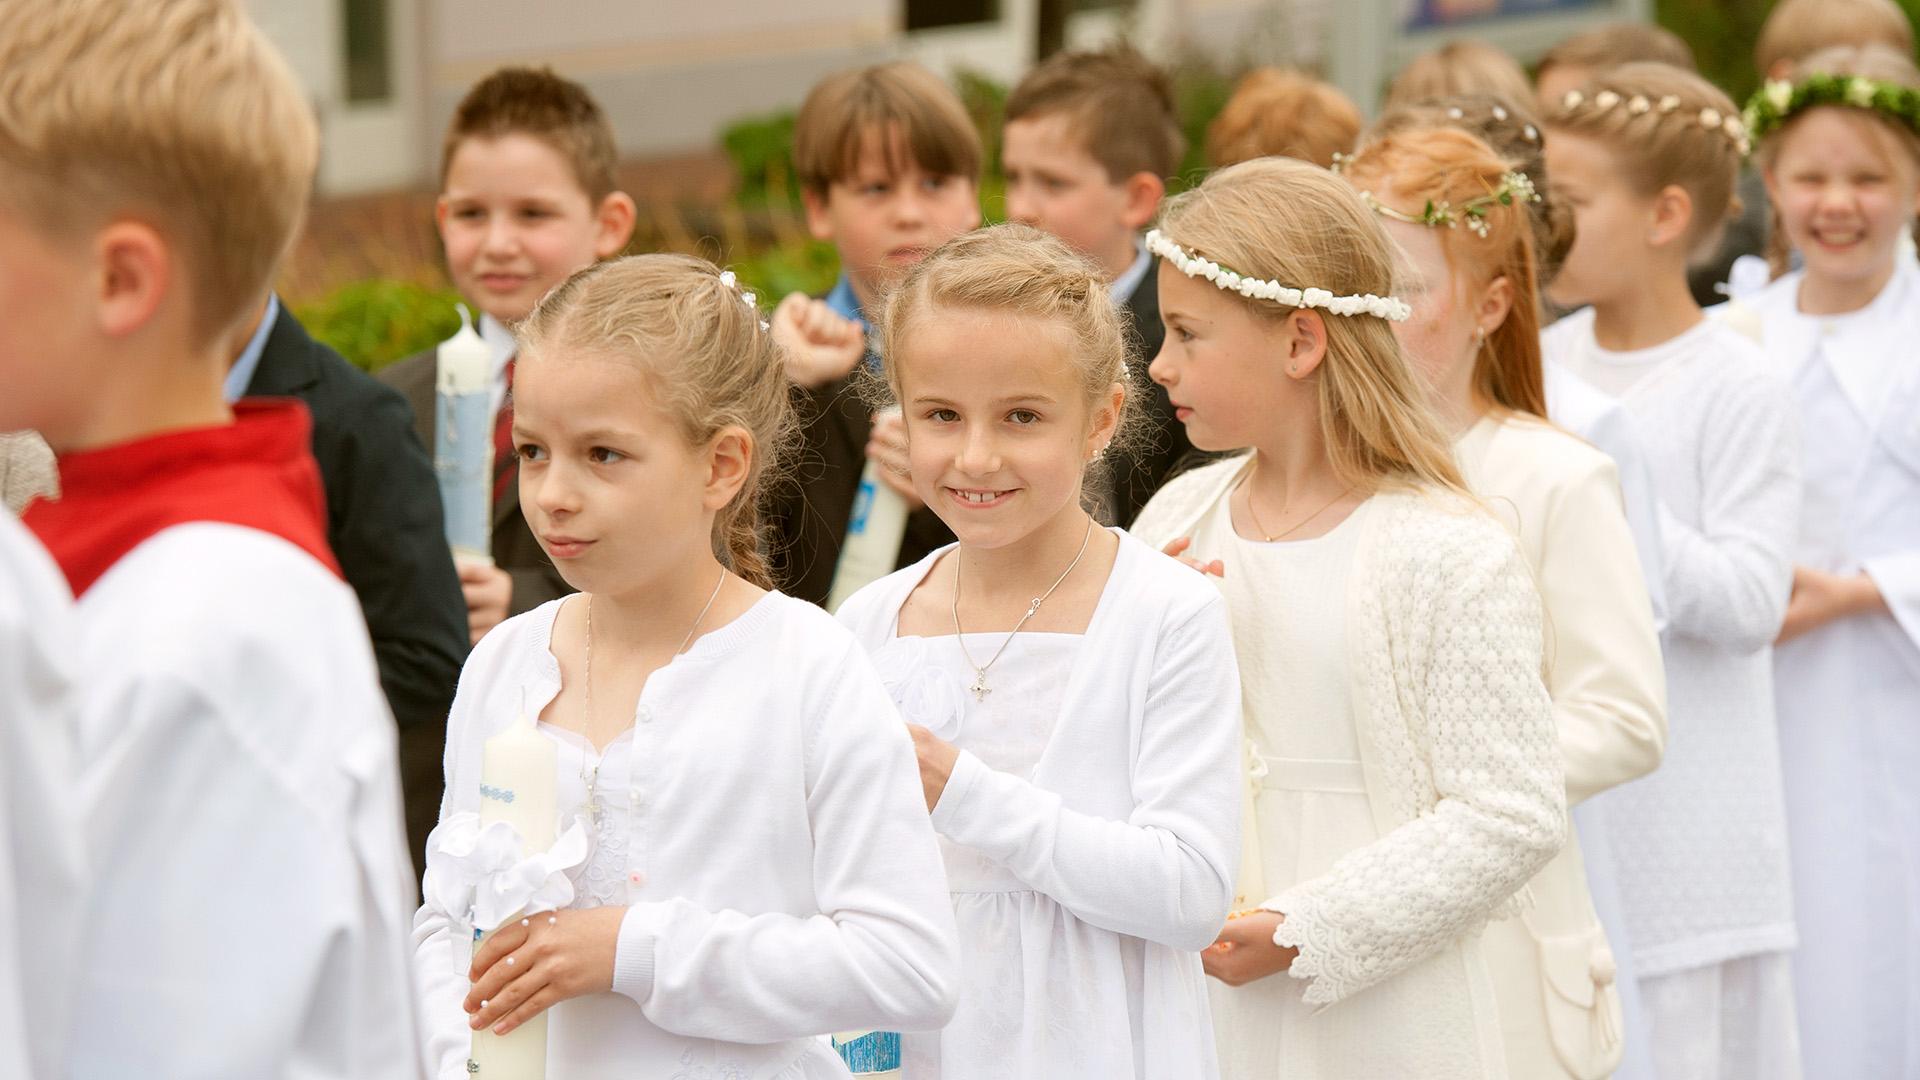 Reportage Kommunionkinder in Aufstellung zum Einzug in die Kirche